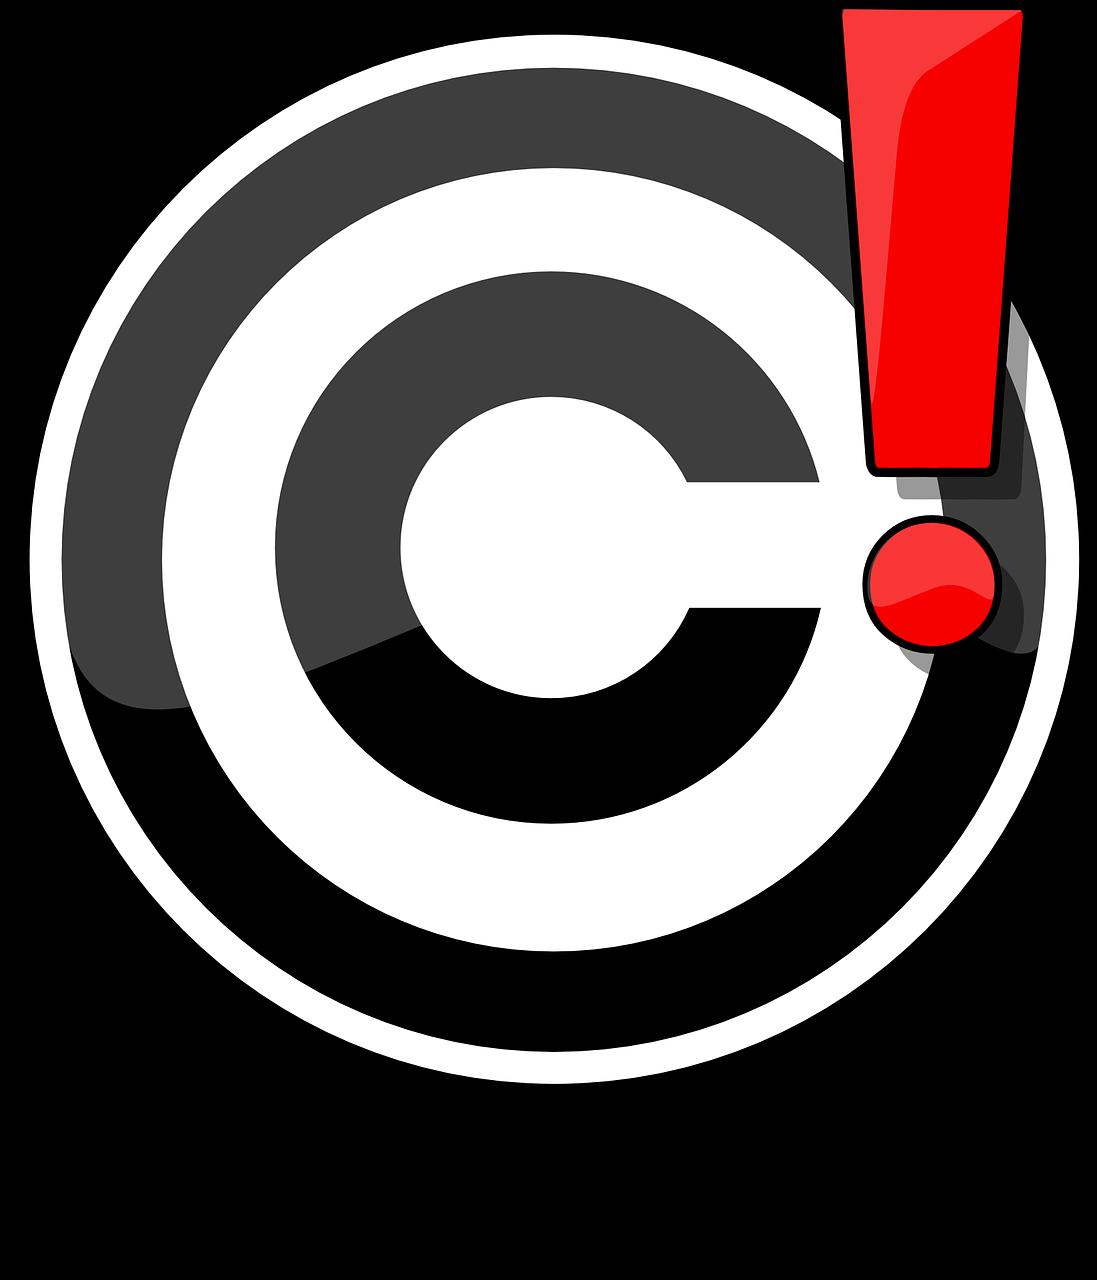 ¿Usamos los contenidos de terceros en el ámbito digital de forma legal?